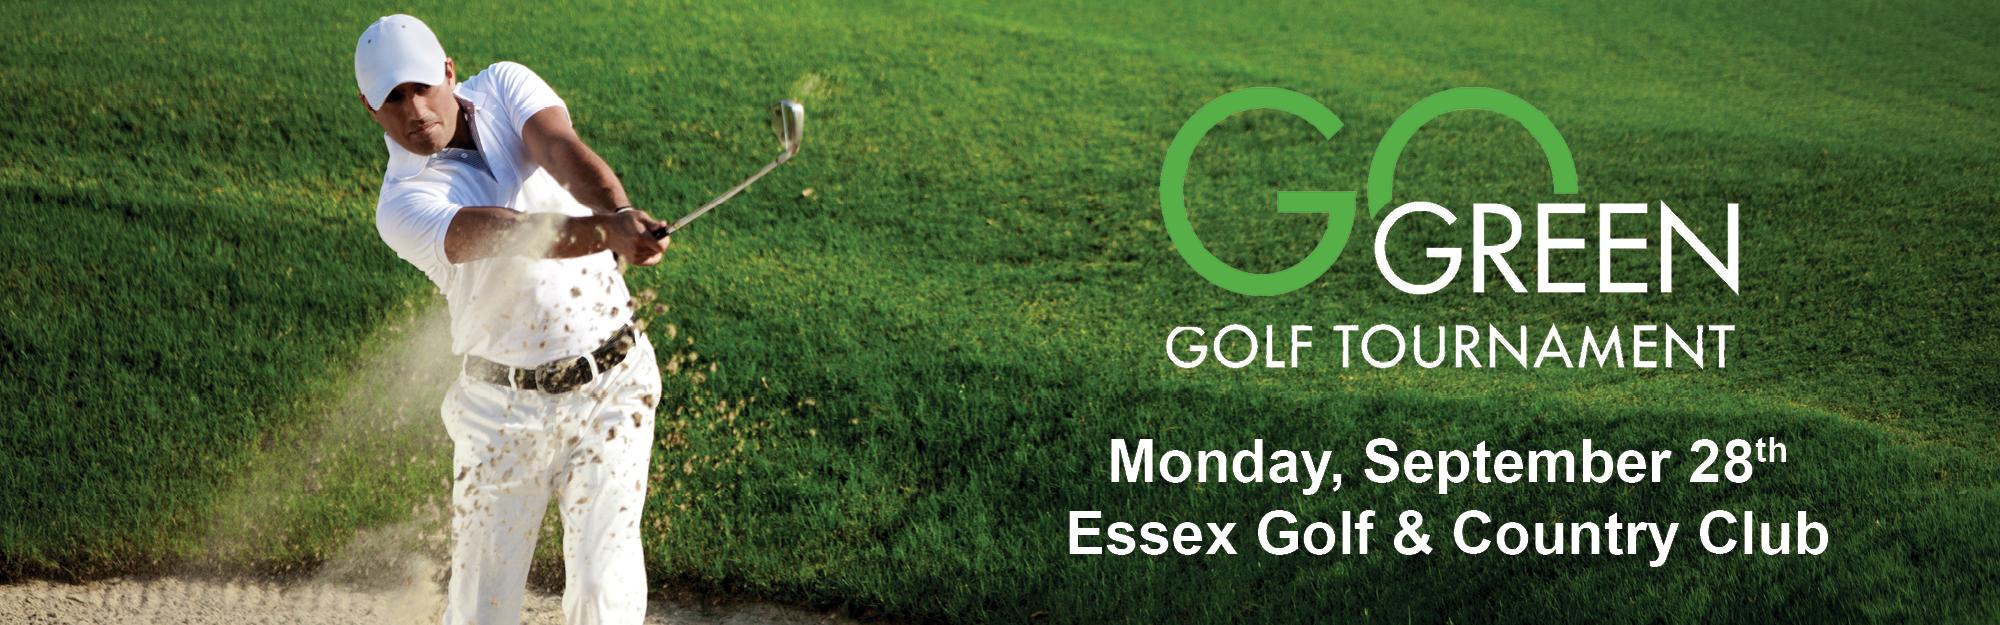 Go Gren Golf